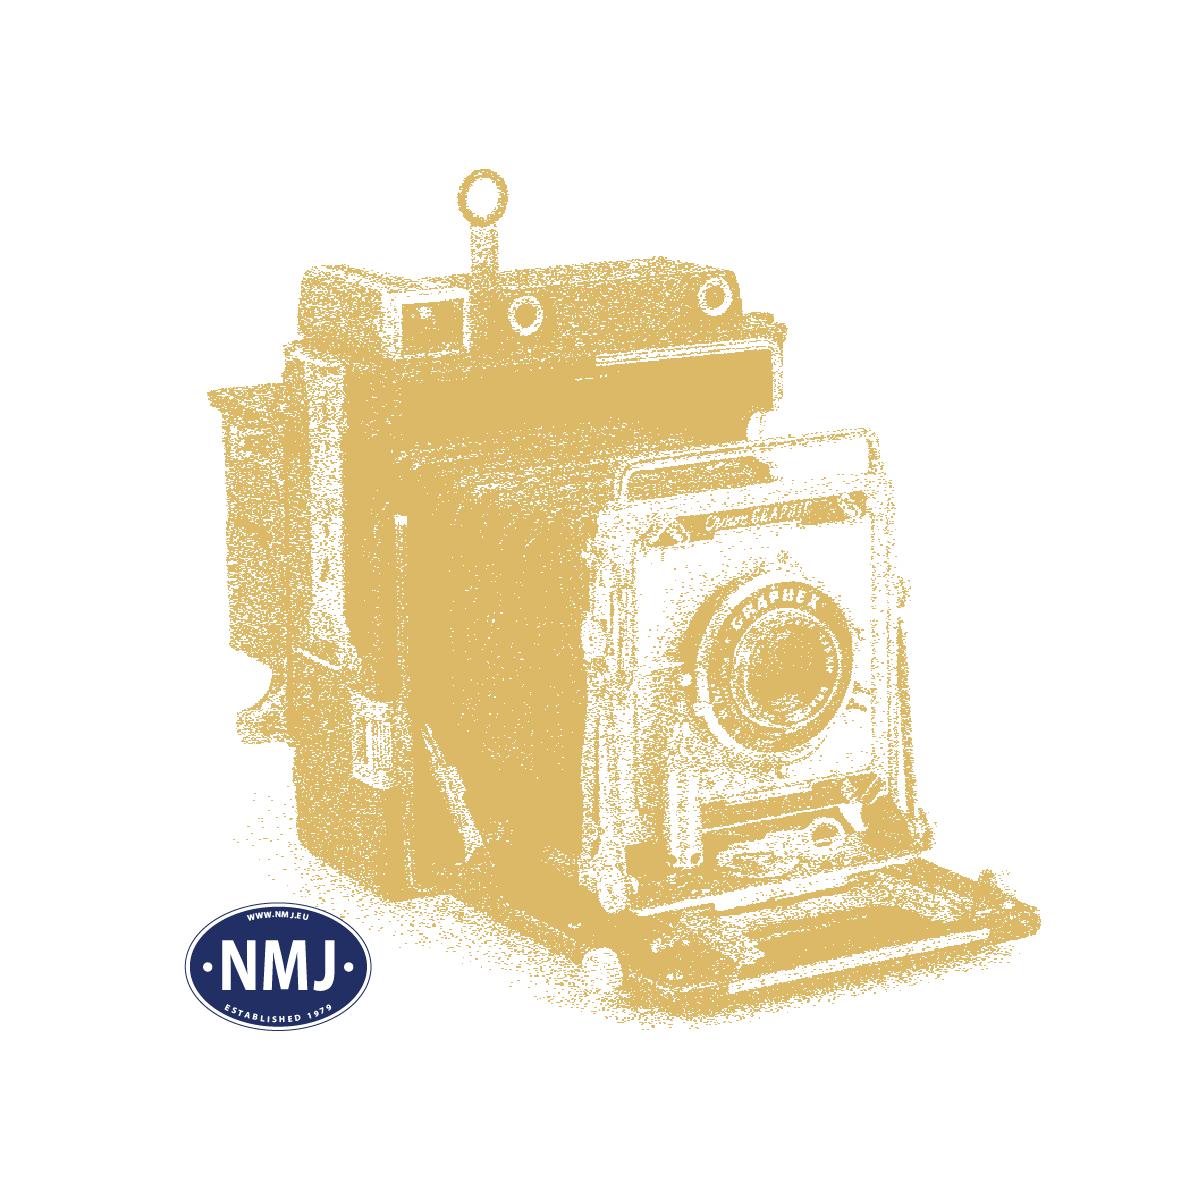 NMJT94001 - NMJ Topline SJ Y1 1309, Oransje, DCC w/ Sound